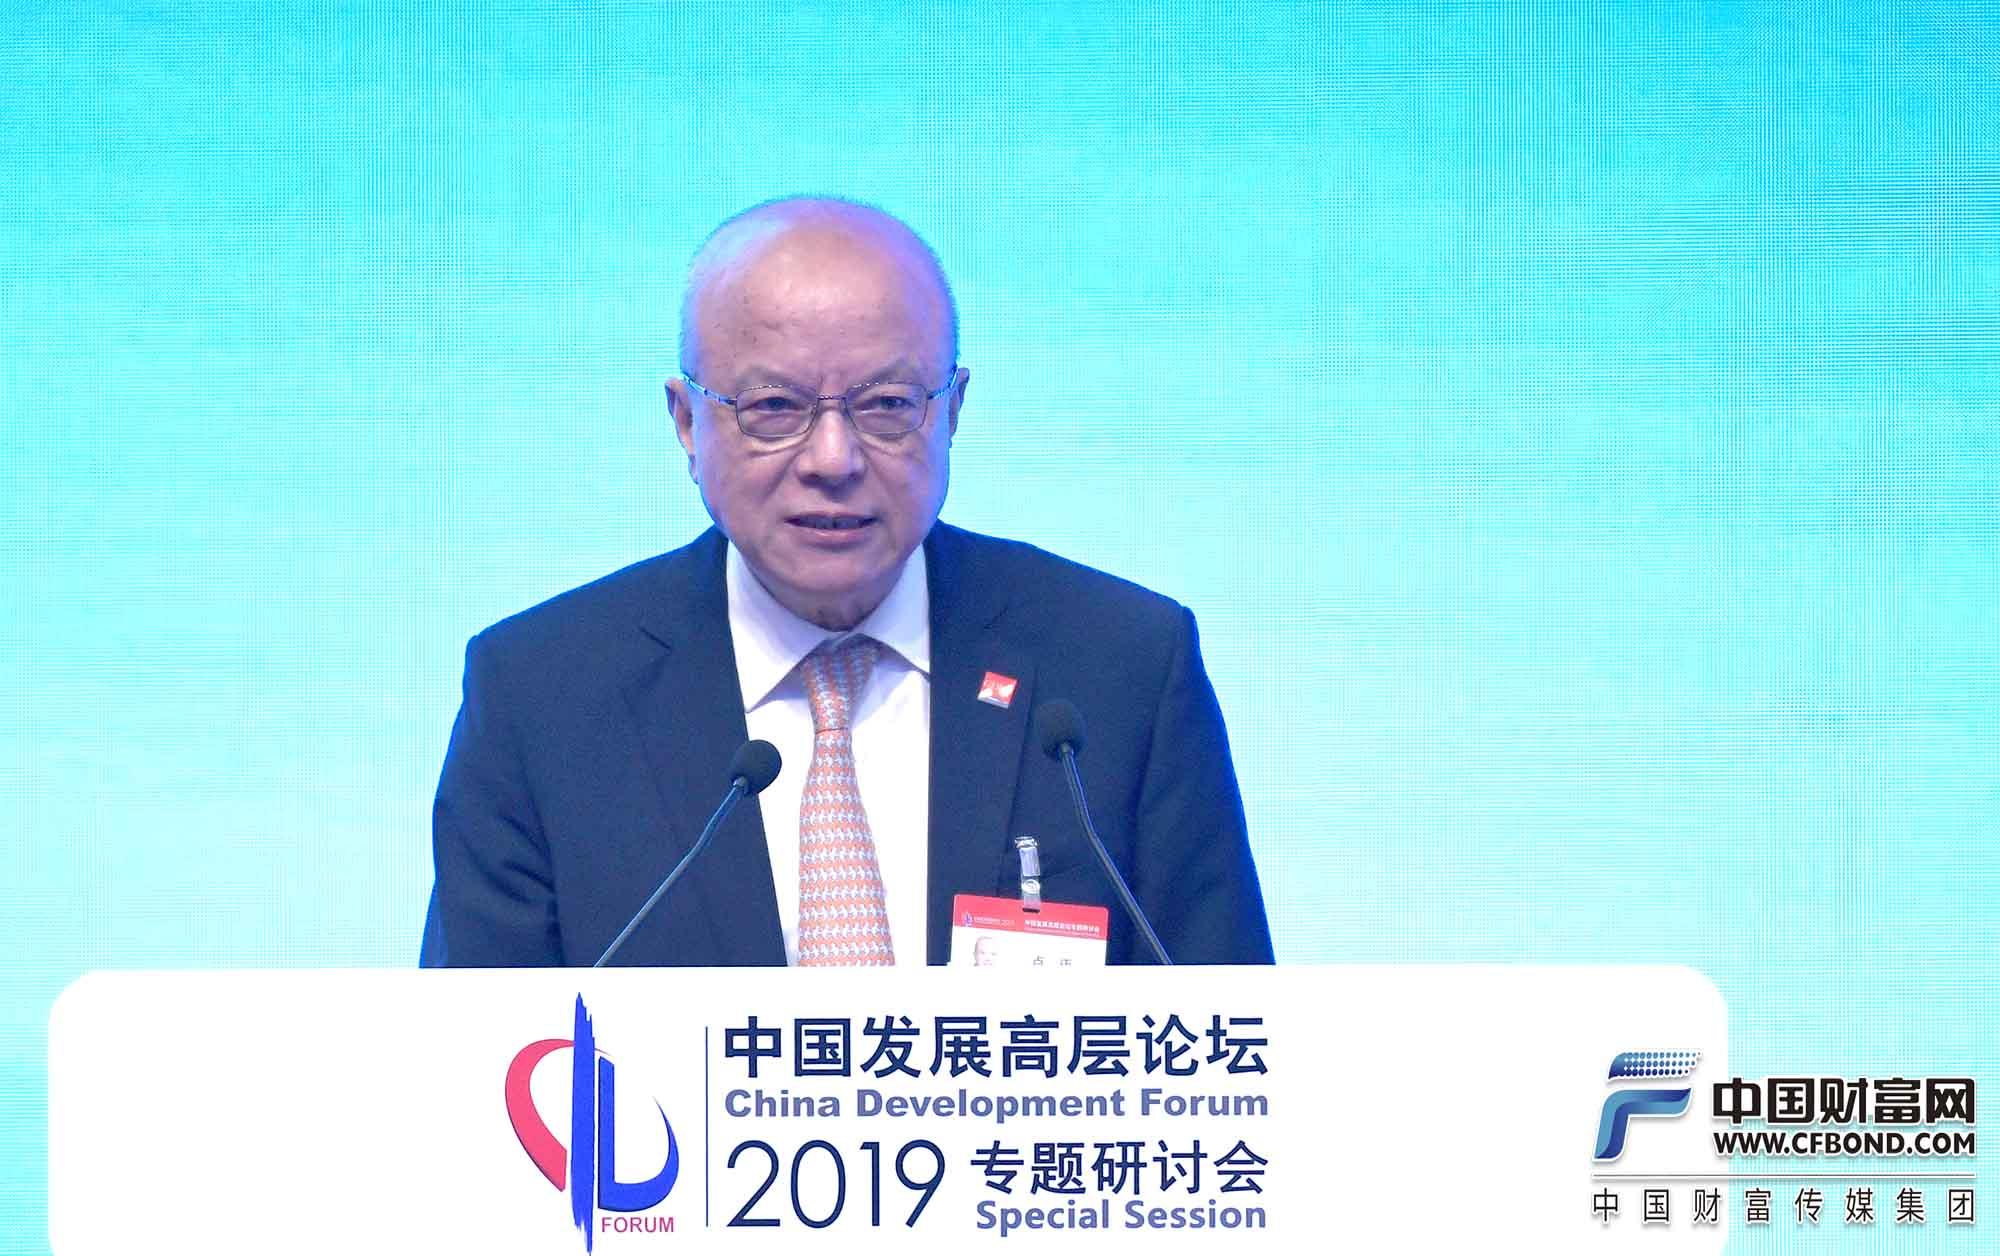 中国发展研究基金会副理事长、中国发展高层论坛秘书长卢迈总结发言